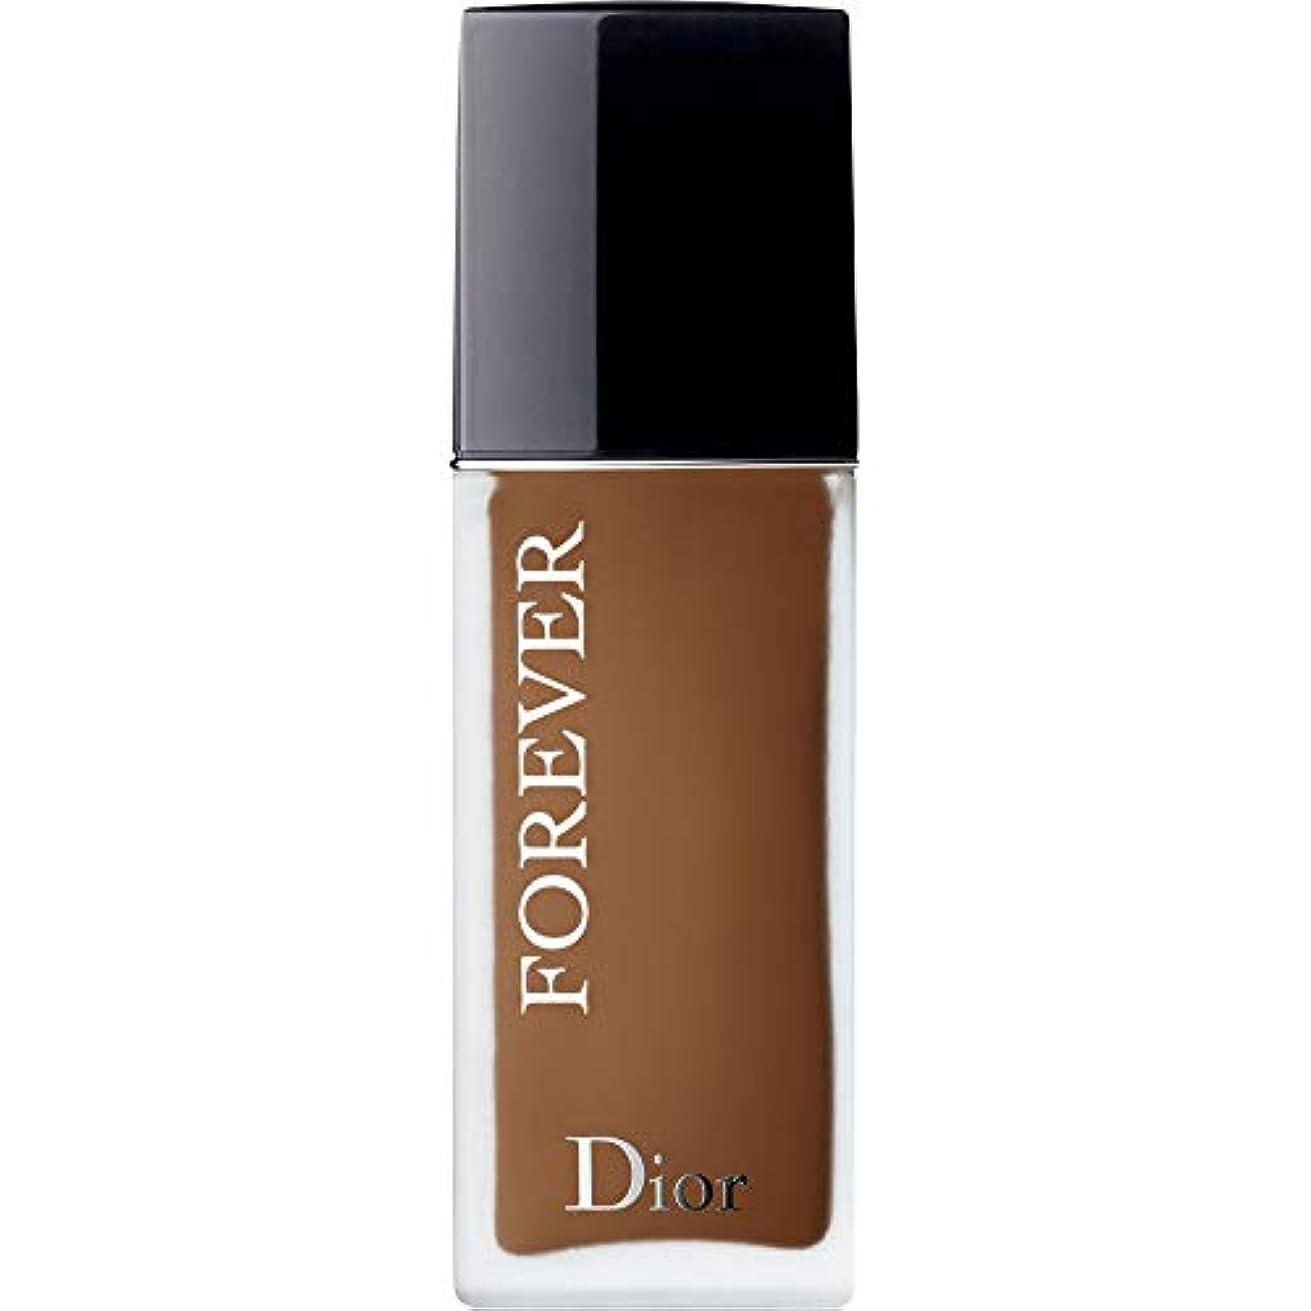 ハブブ胆嚢失礼な[Dior ] ディオール永遠皮膚思いやりの基盤Spf35 30ミリリットルの7.5N - ニュートラル(つや消し) - DIOR Forever Skin-Caring Foundation SPF35 30ml 7.5N - Neutral (Matte) [並行輸入品]